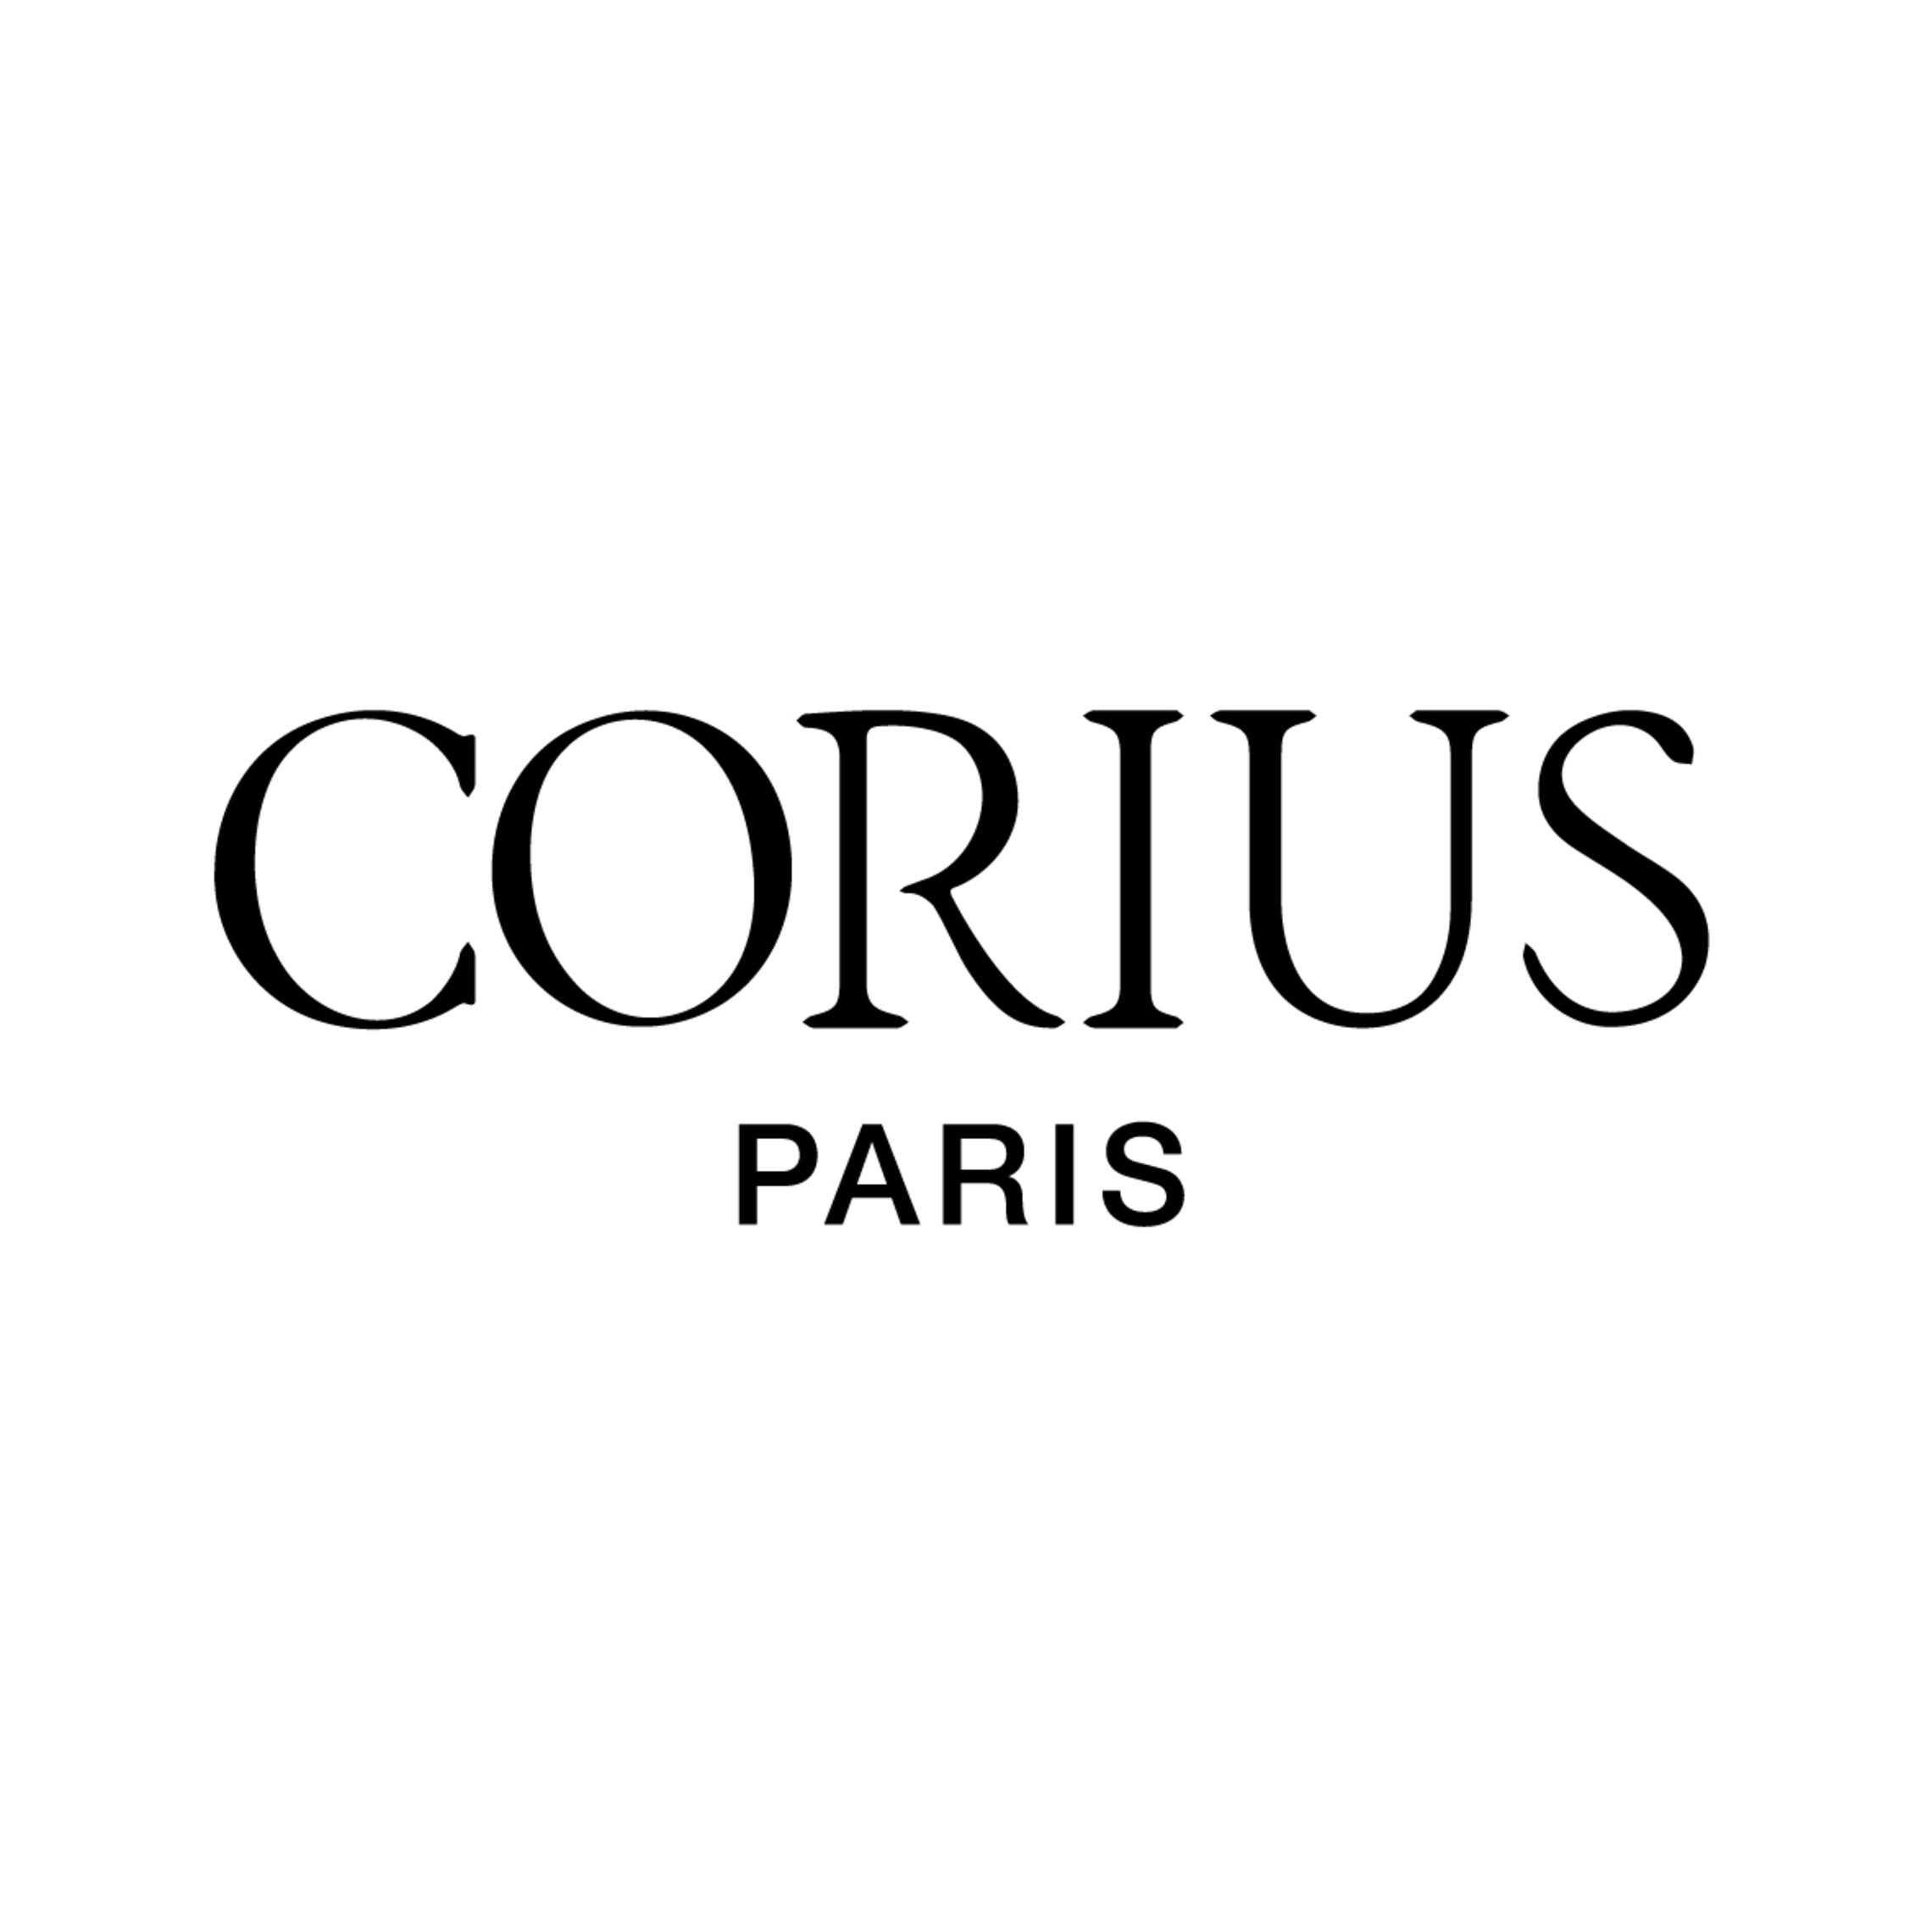 corius paris- company logo